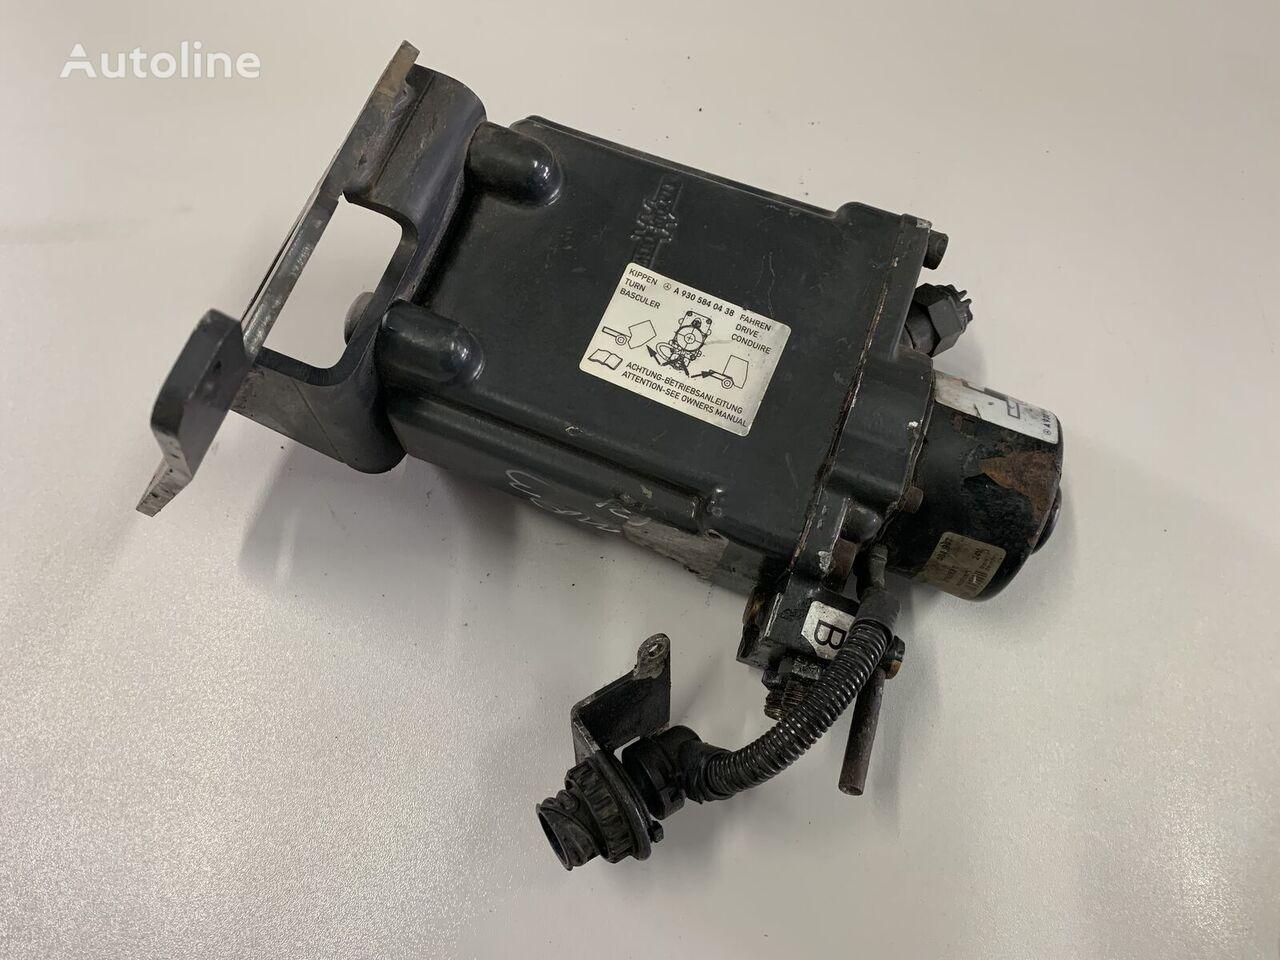 MERCEDES-BENZ ACTROS MP3 elekrtyczna pompka bomba de elevación de cabina para MERCEDES-BENZ Actros MP3 tractora